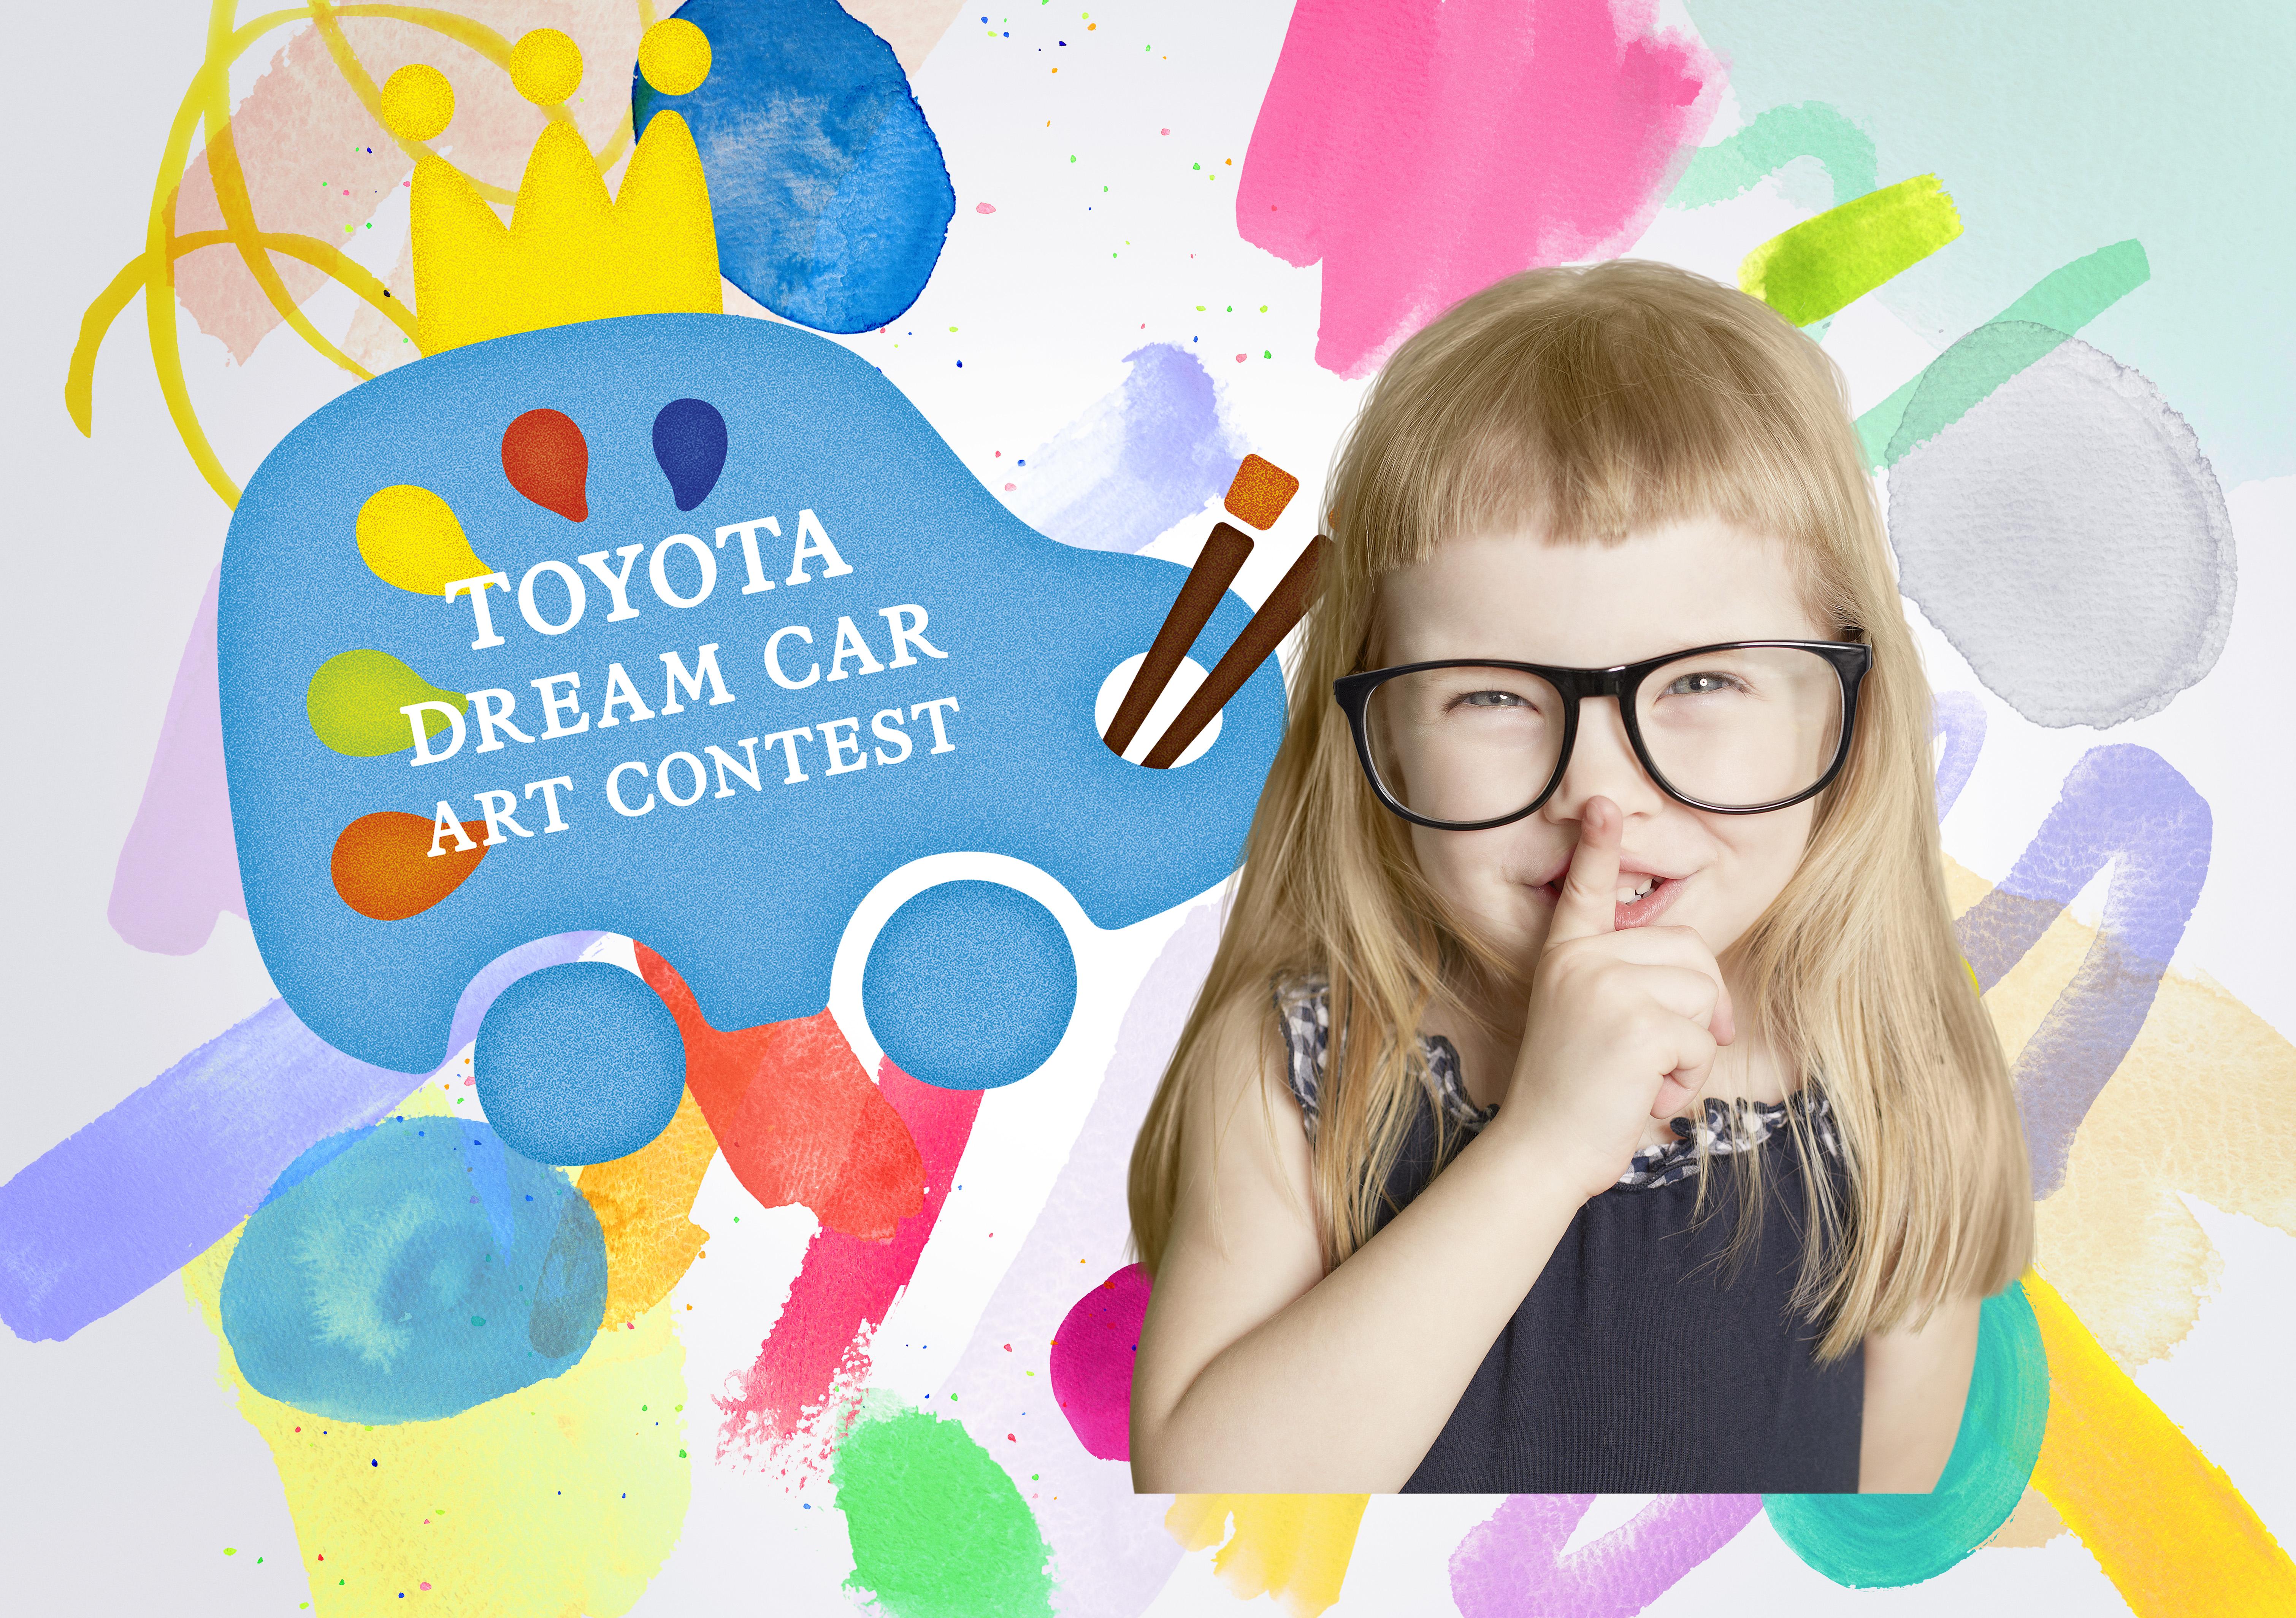 Toyota România anunță cea de-a 12-a ediție a concursului de desen Dream Car Art Contest